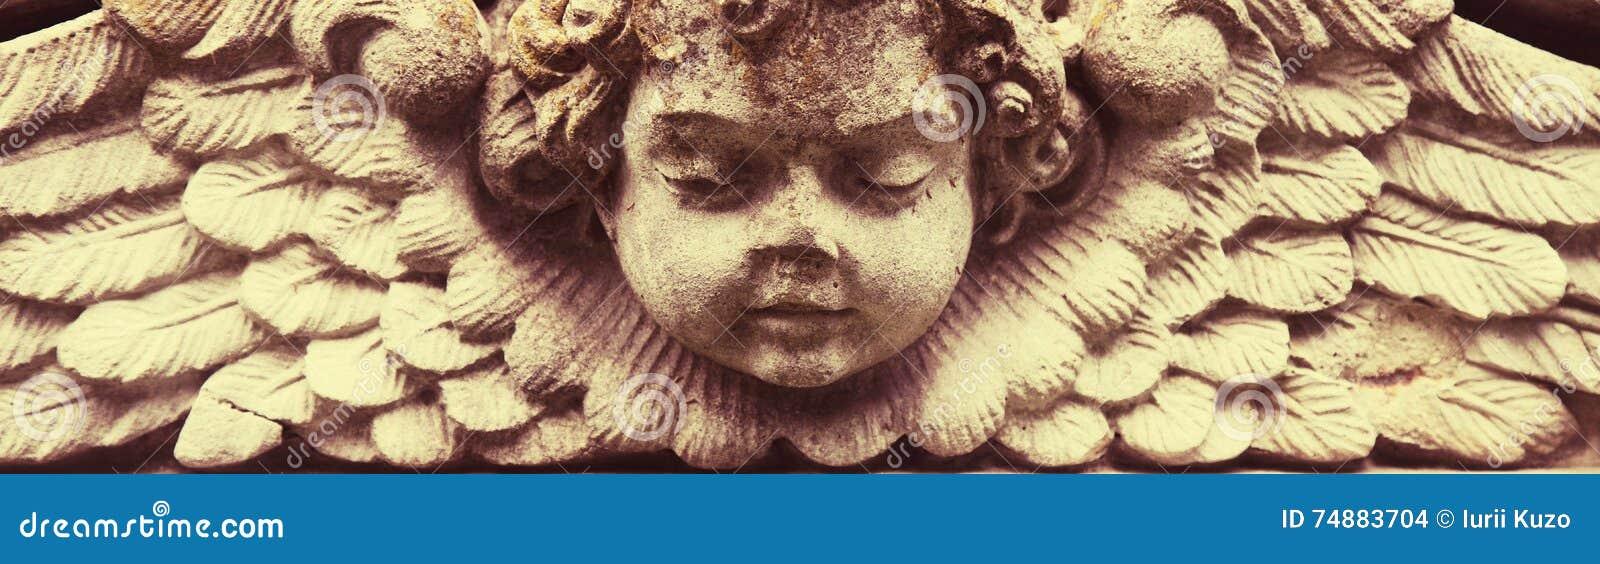 Escultura de um anjo com fundo escuro